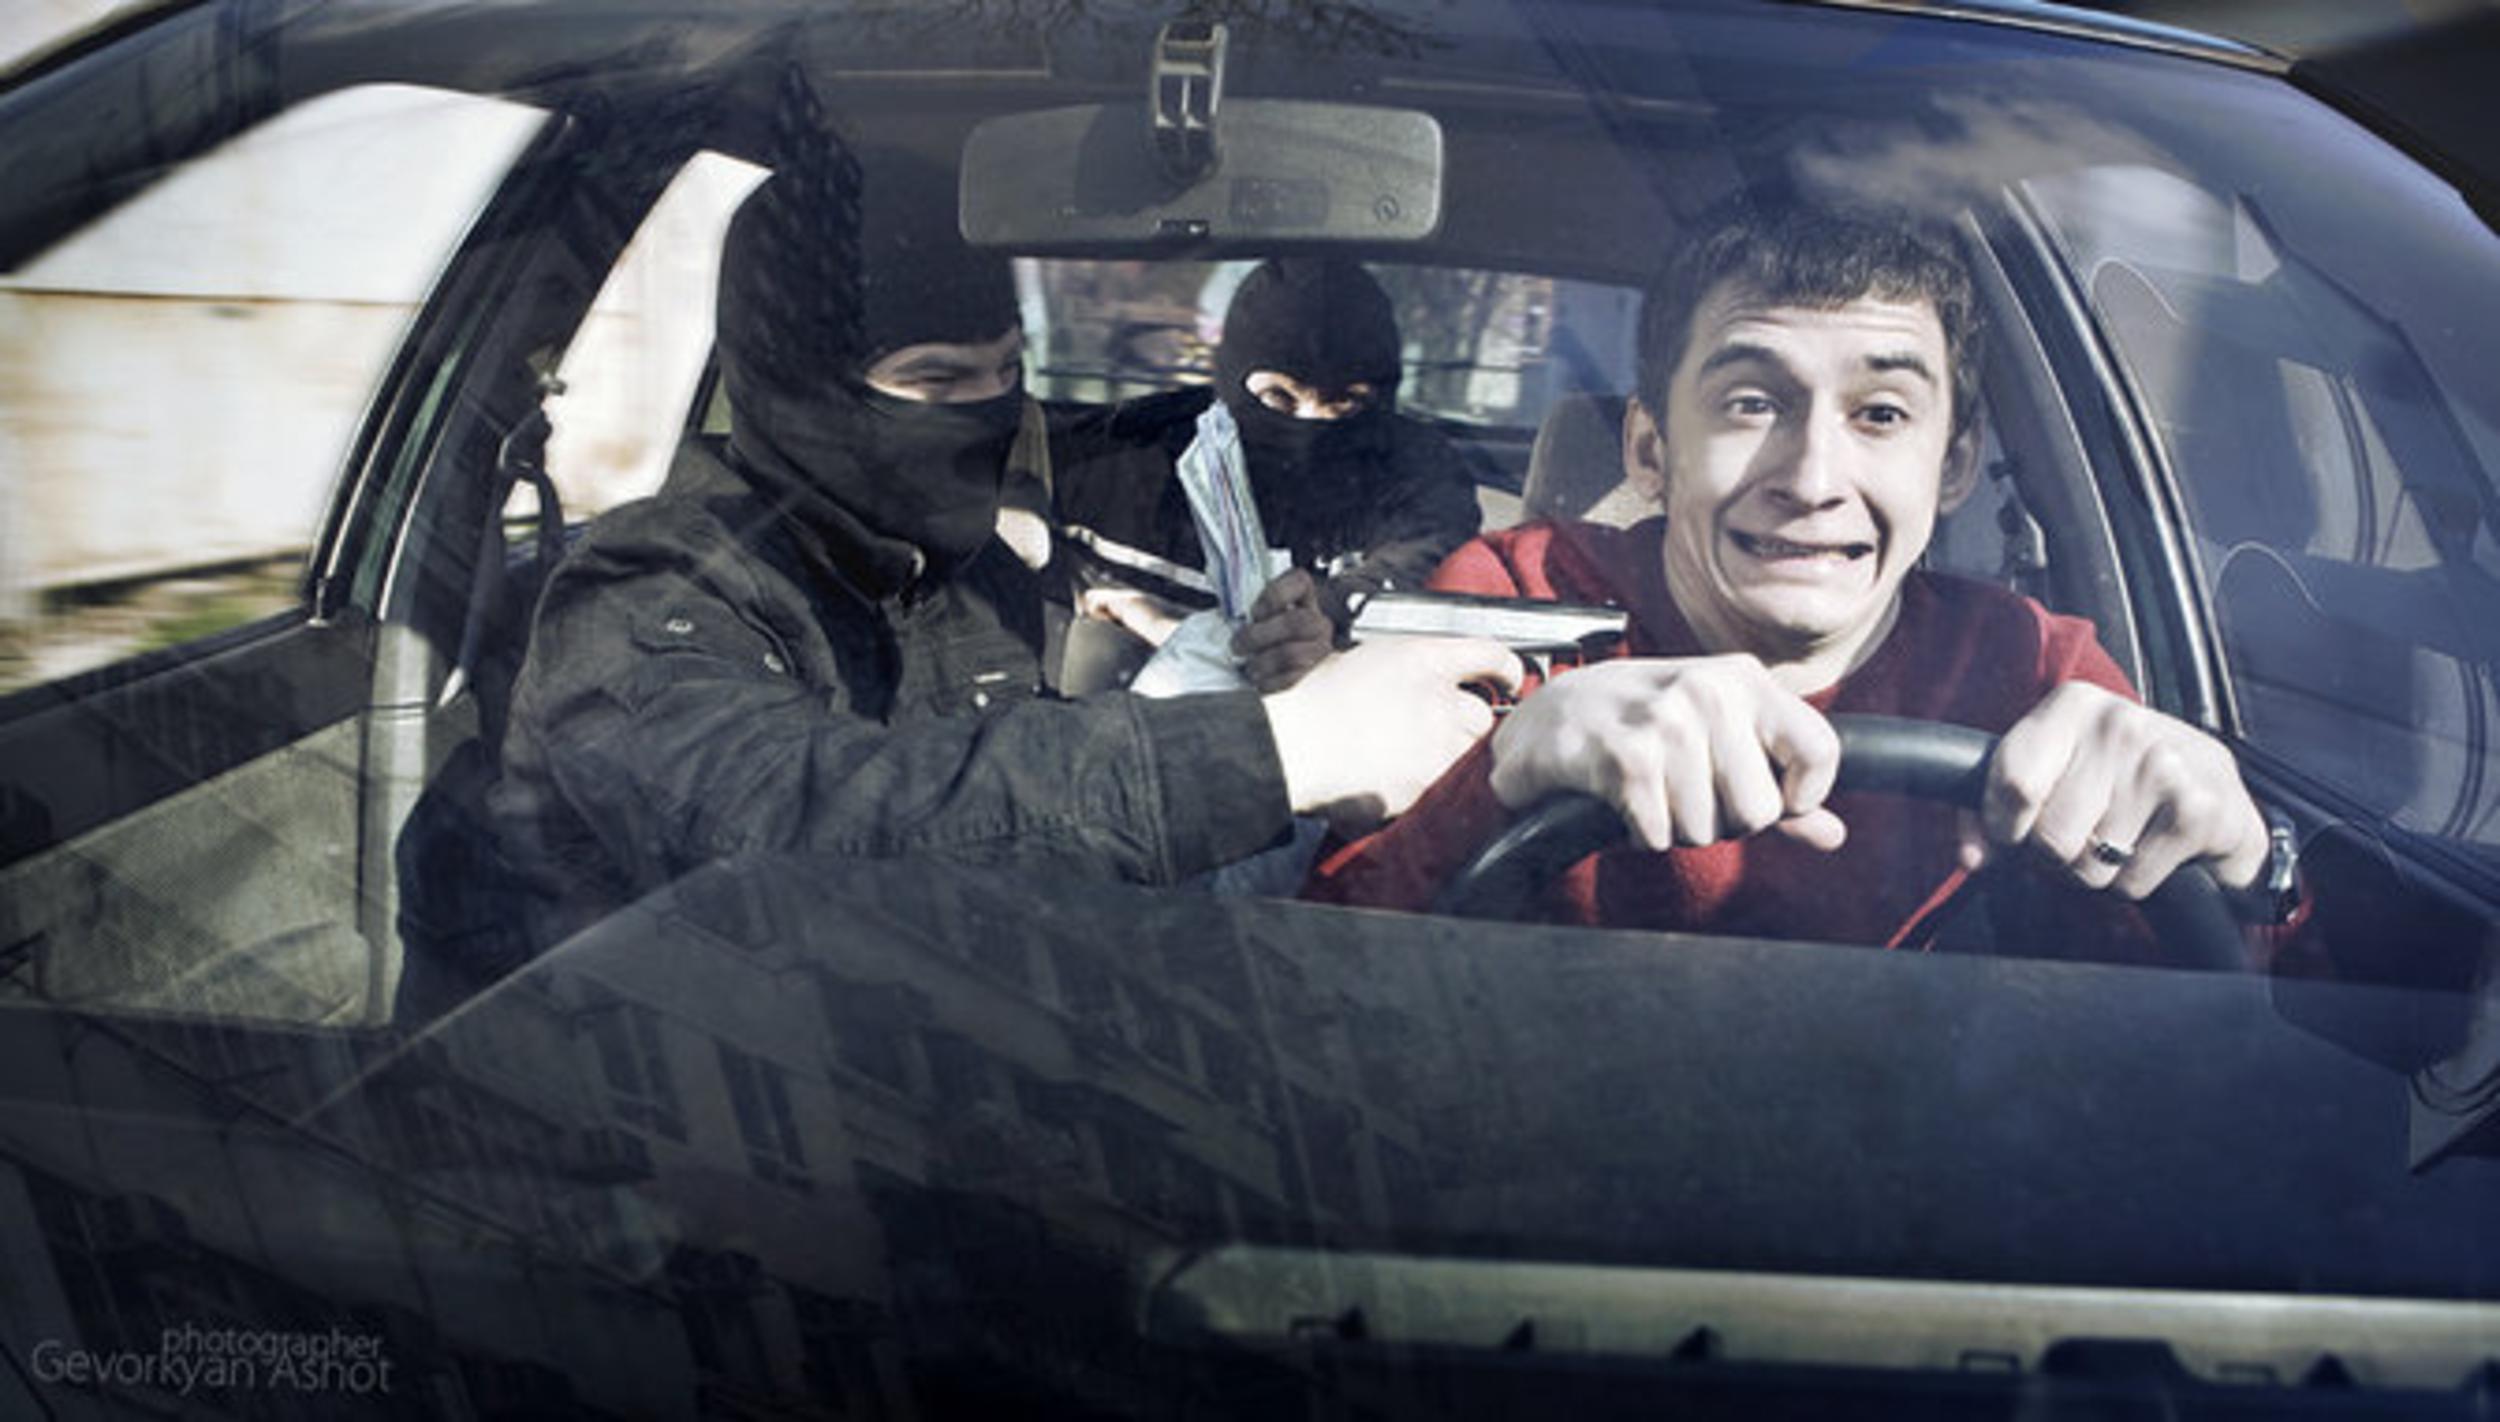 Что может произойти если сесть к незнакомцу в машину 2 фотография